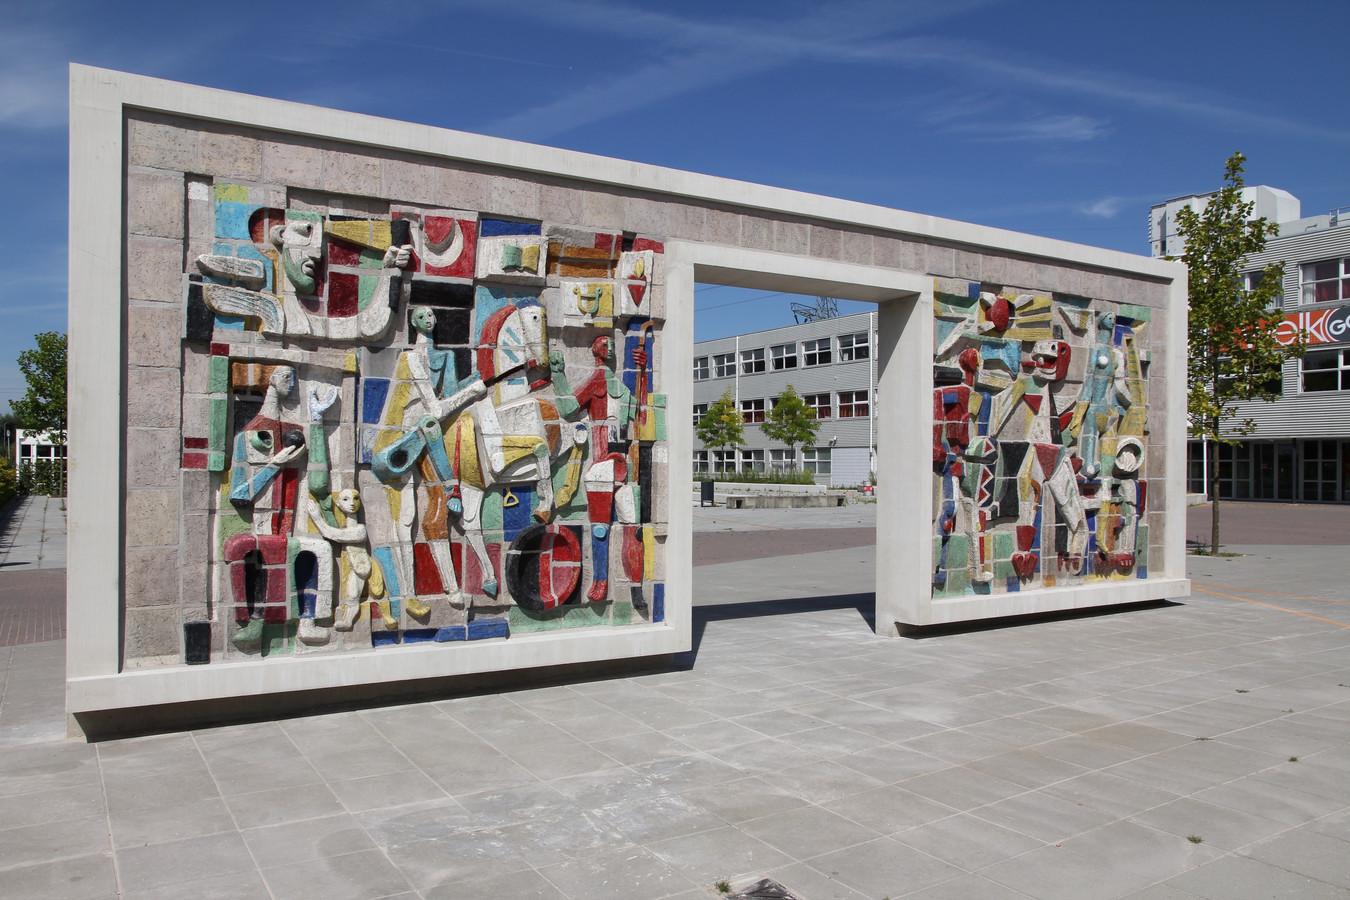 Het werk van Hugo Brouwer op het schoolplein van Graaf Engelbrecht.